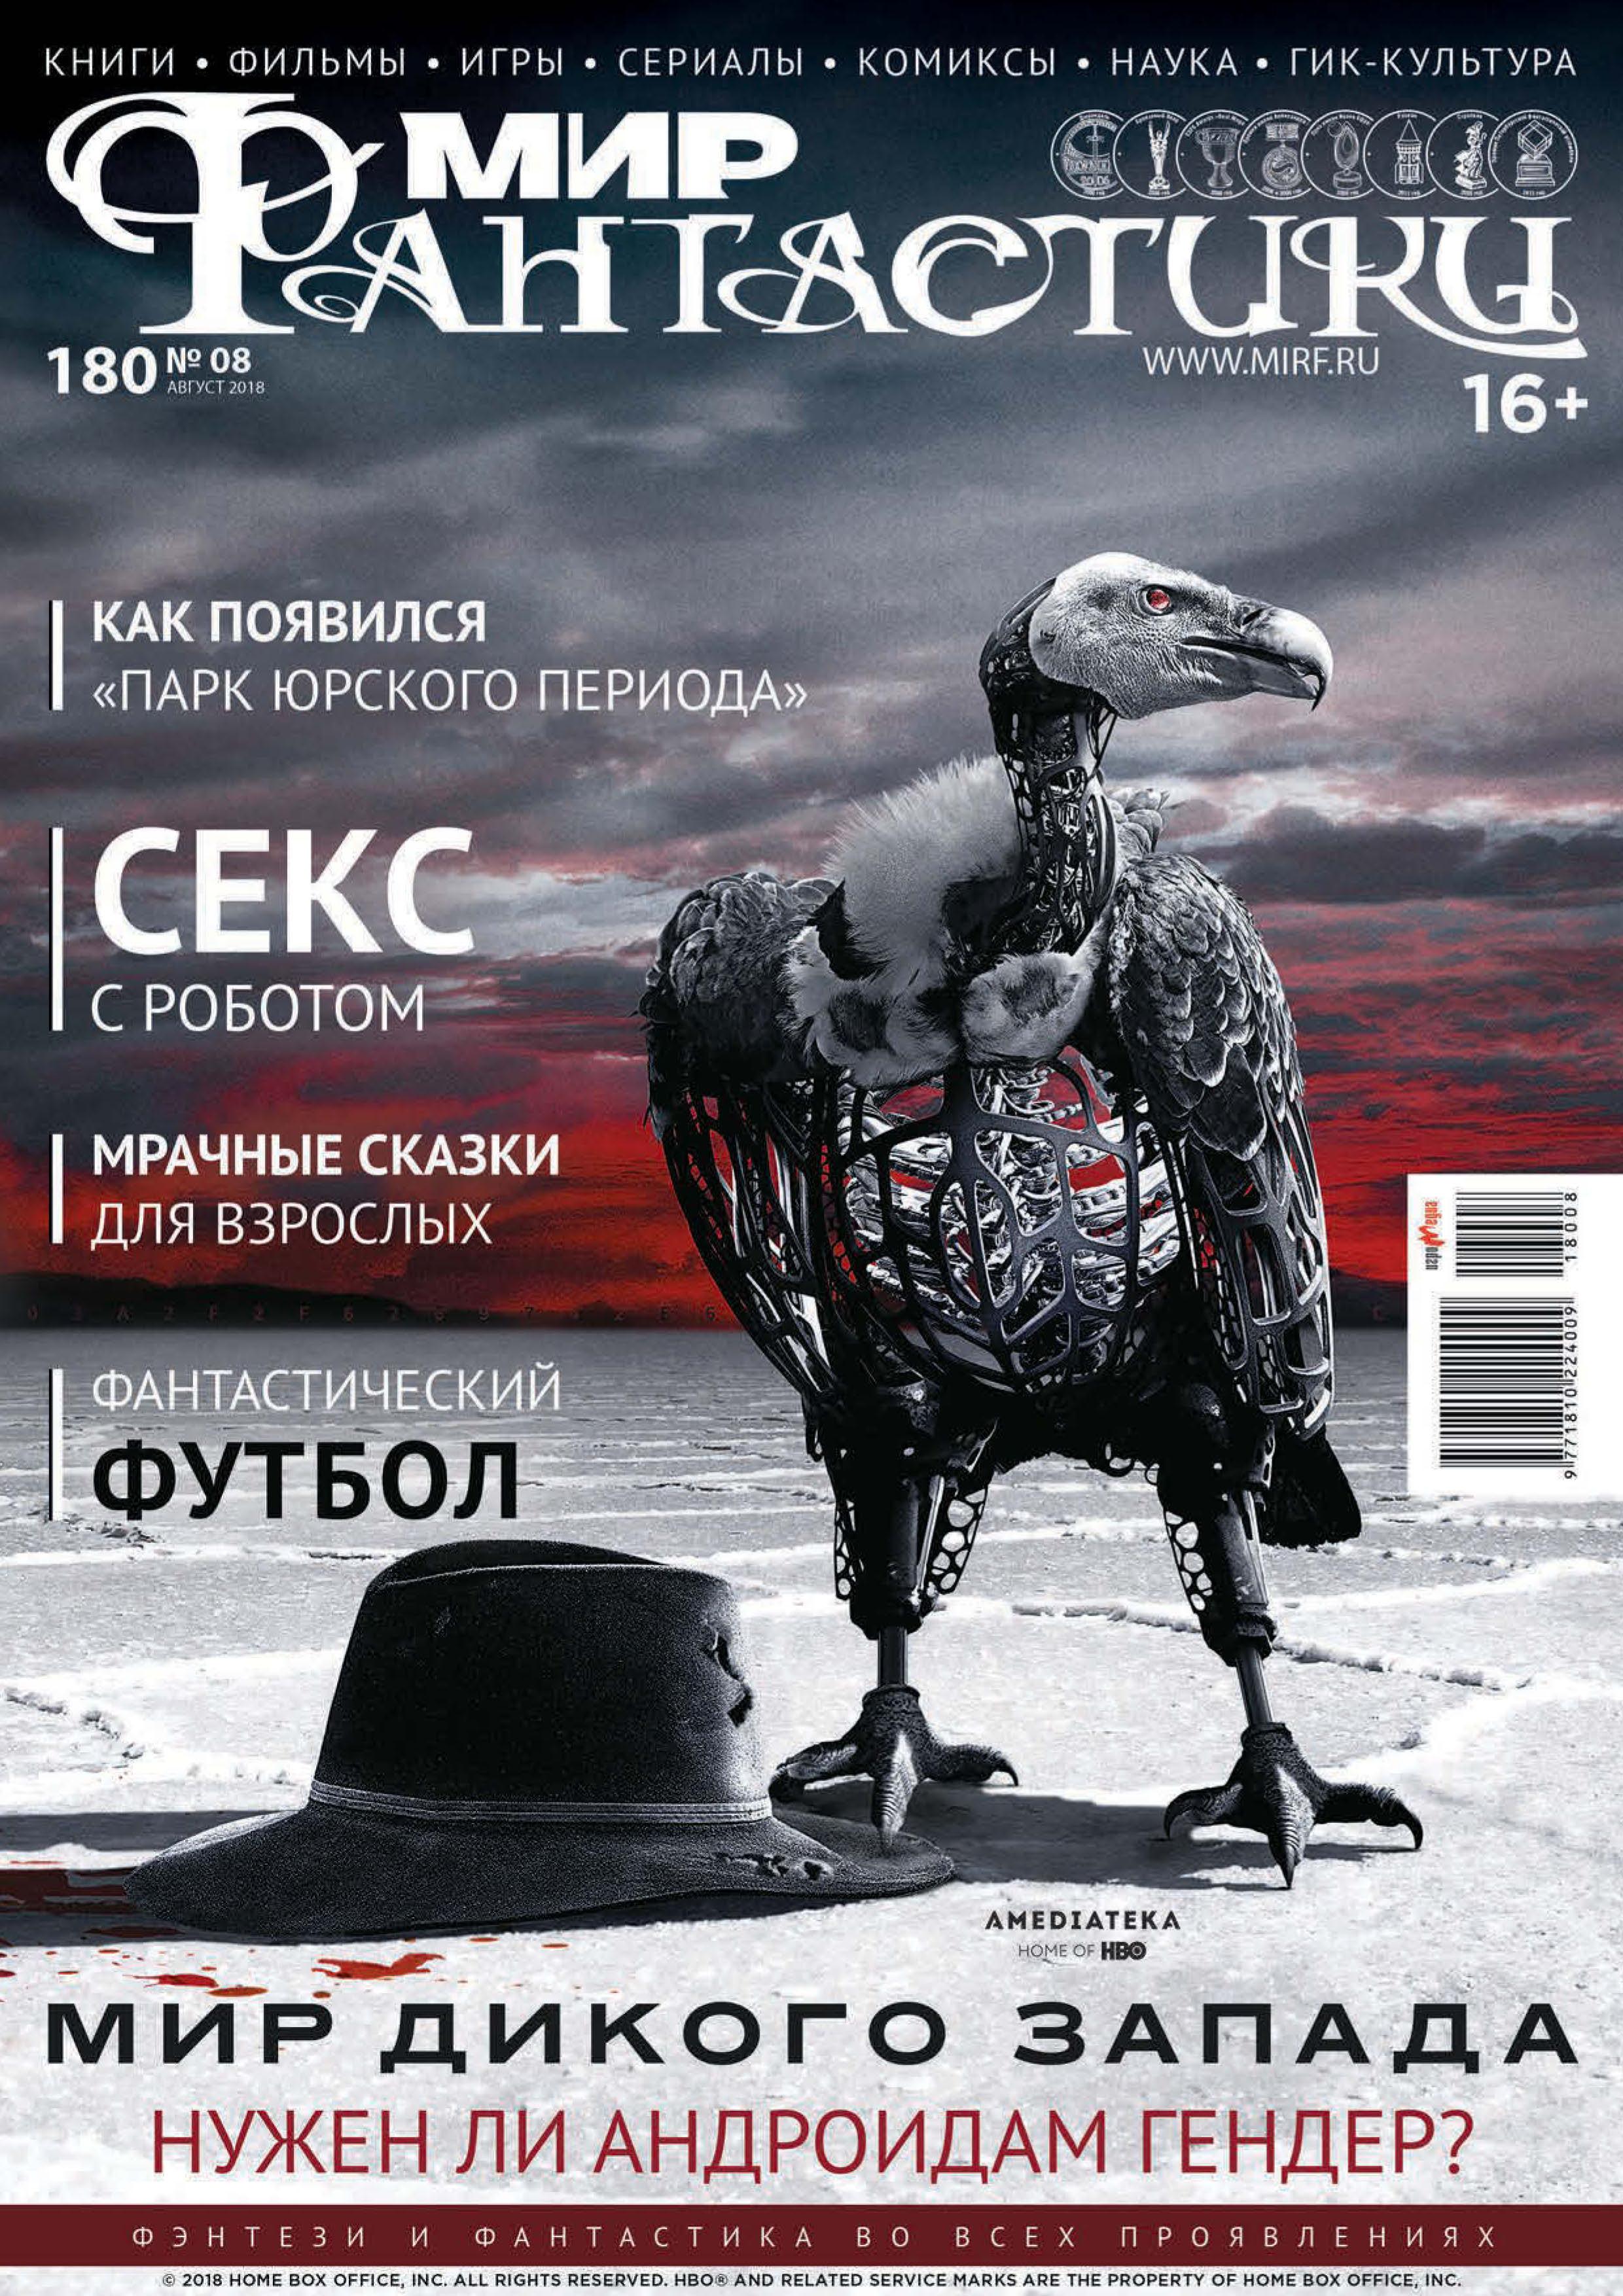 mirf.ru №08/2018